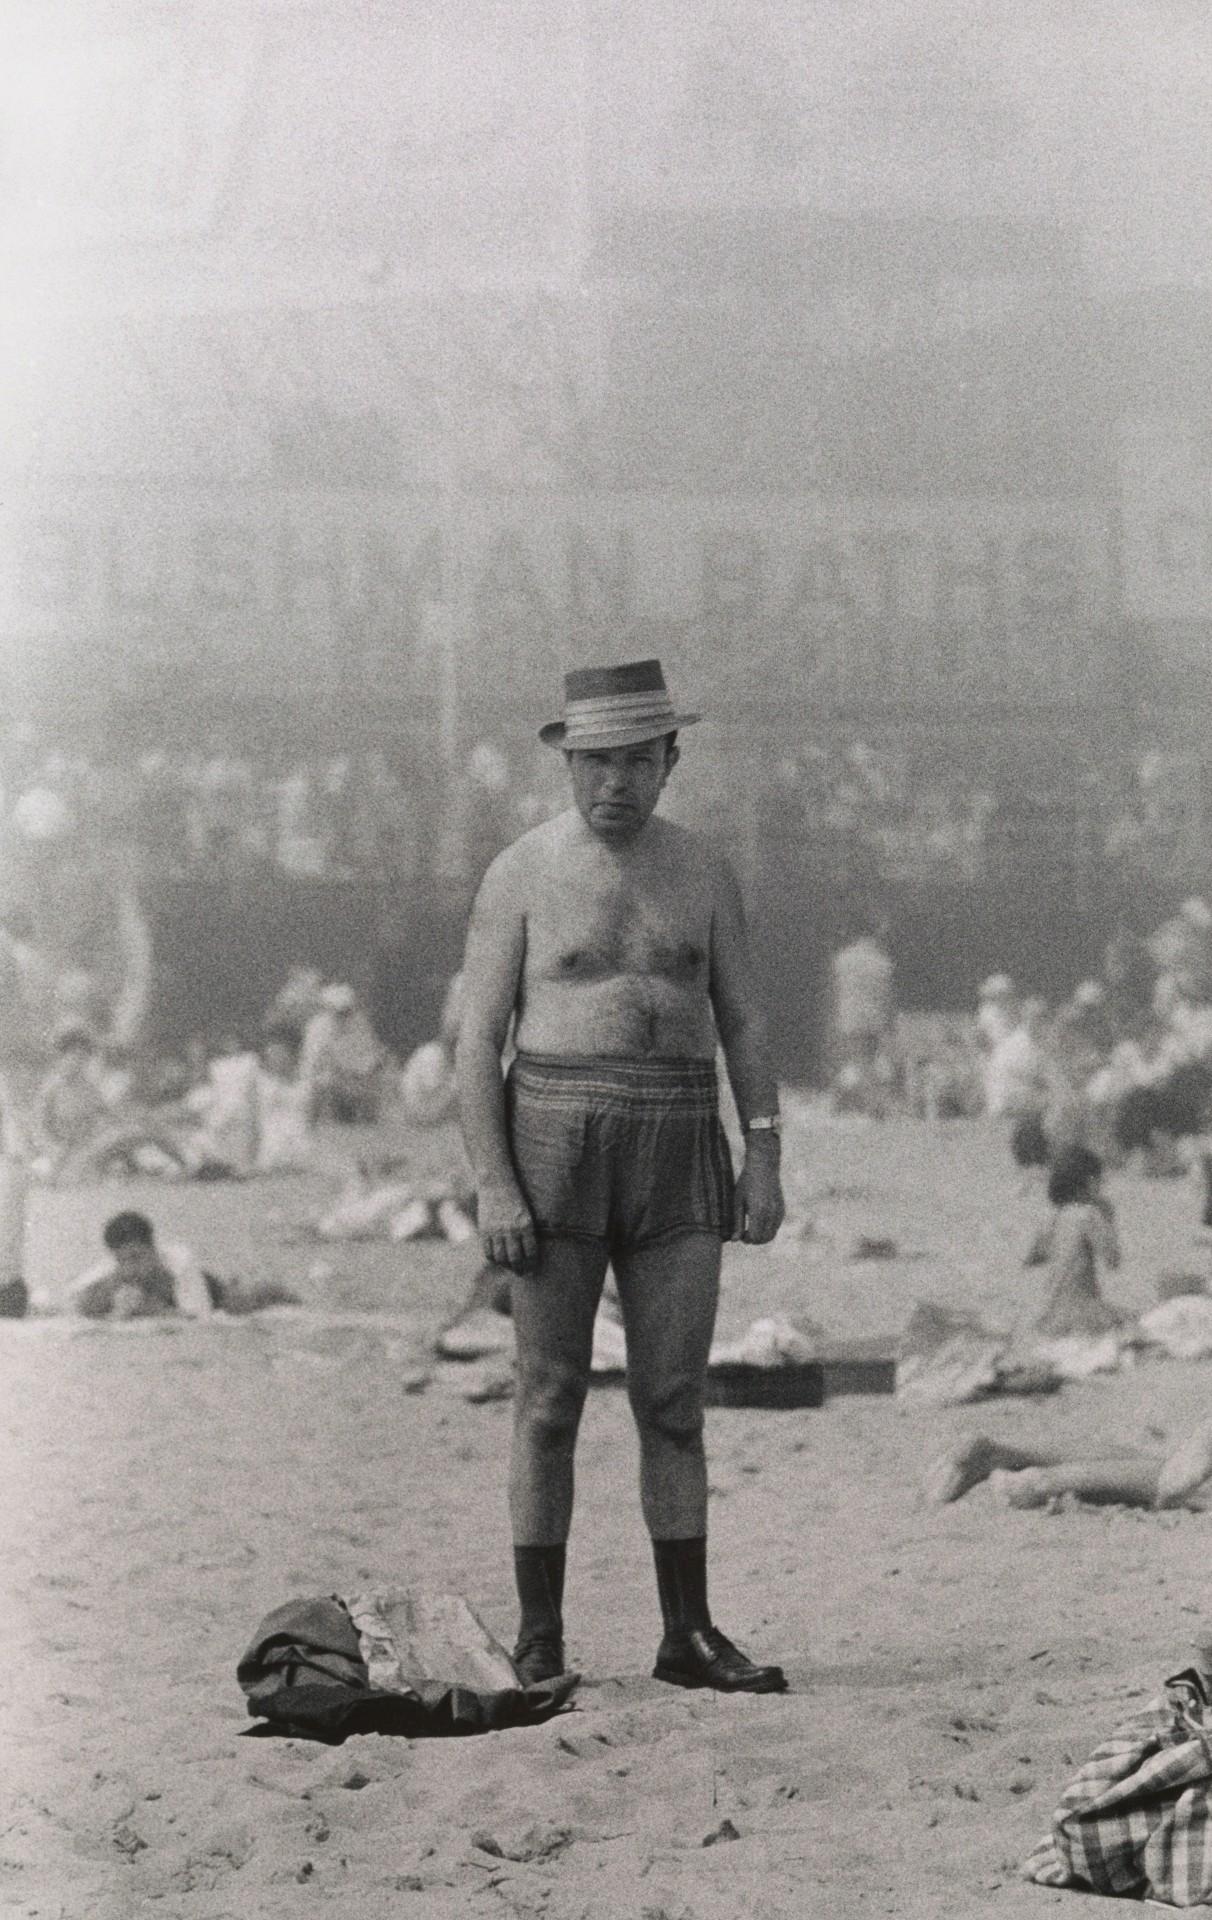 Мужчина в шляпе, плавках, носках и туфлях, Кони-Айленд, Нью-Йорк, 1960. Фотограф Диана Арбус